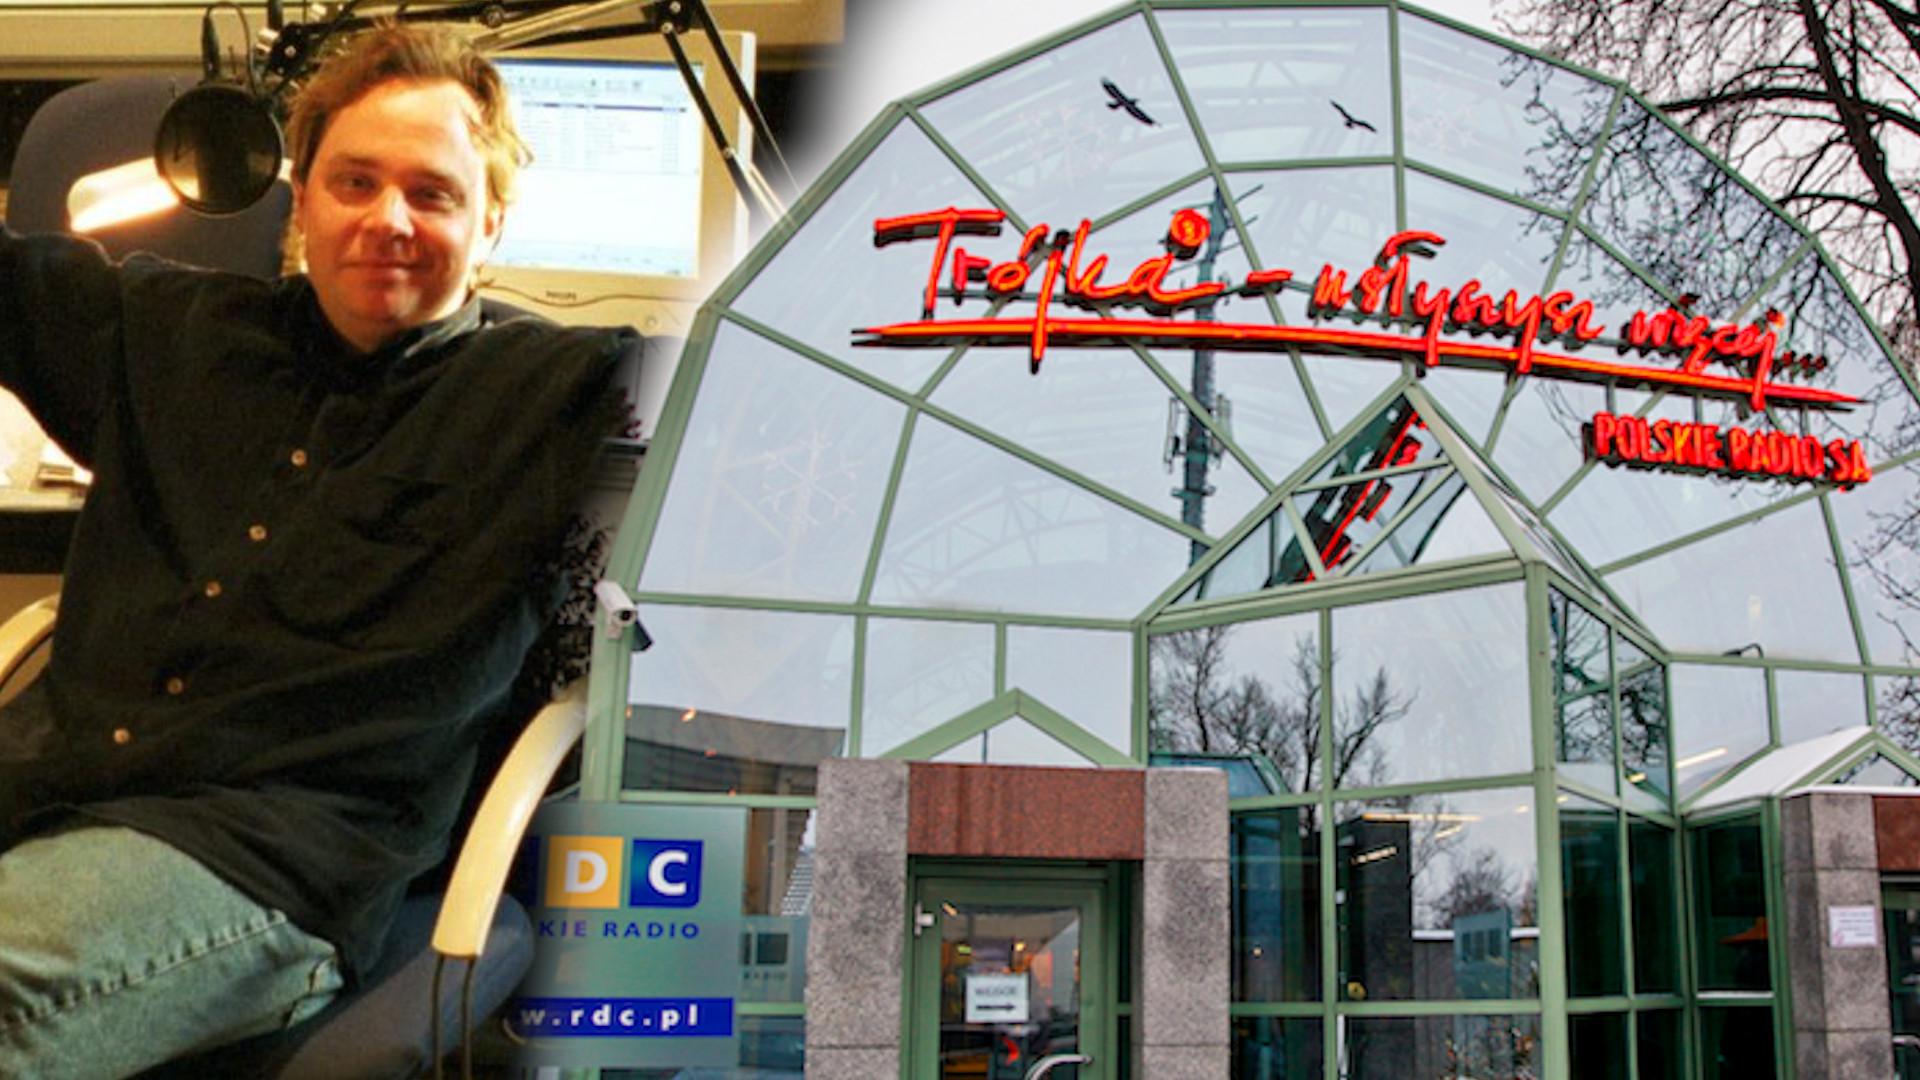 Nowy dyrektor Trójki już w pierwszym dniu wprowadził zmiany. Wracają dziennikarze…